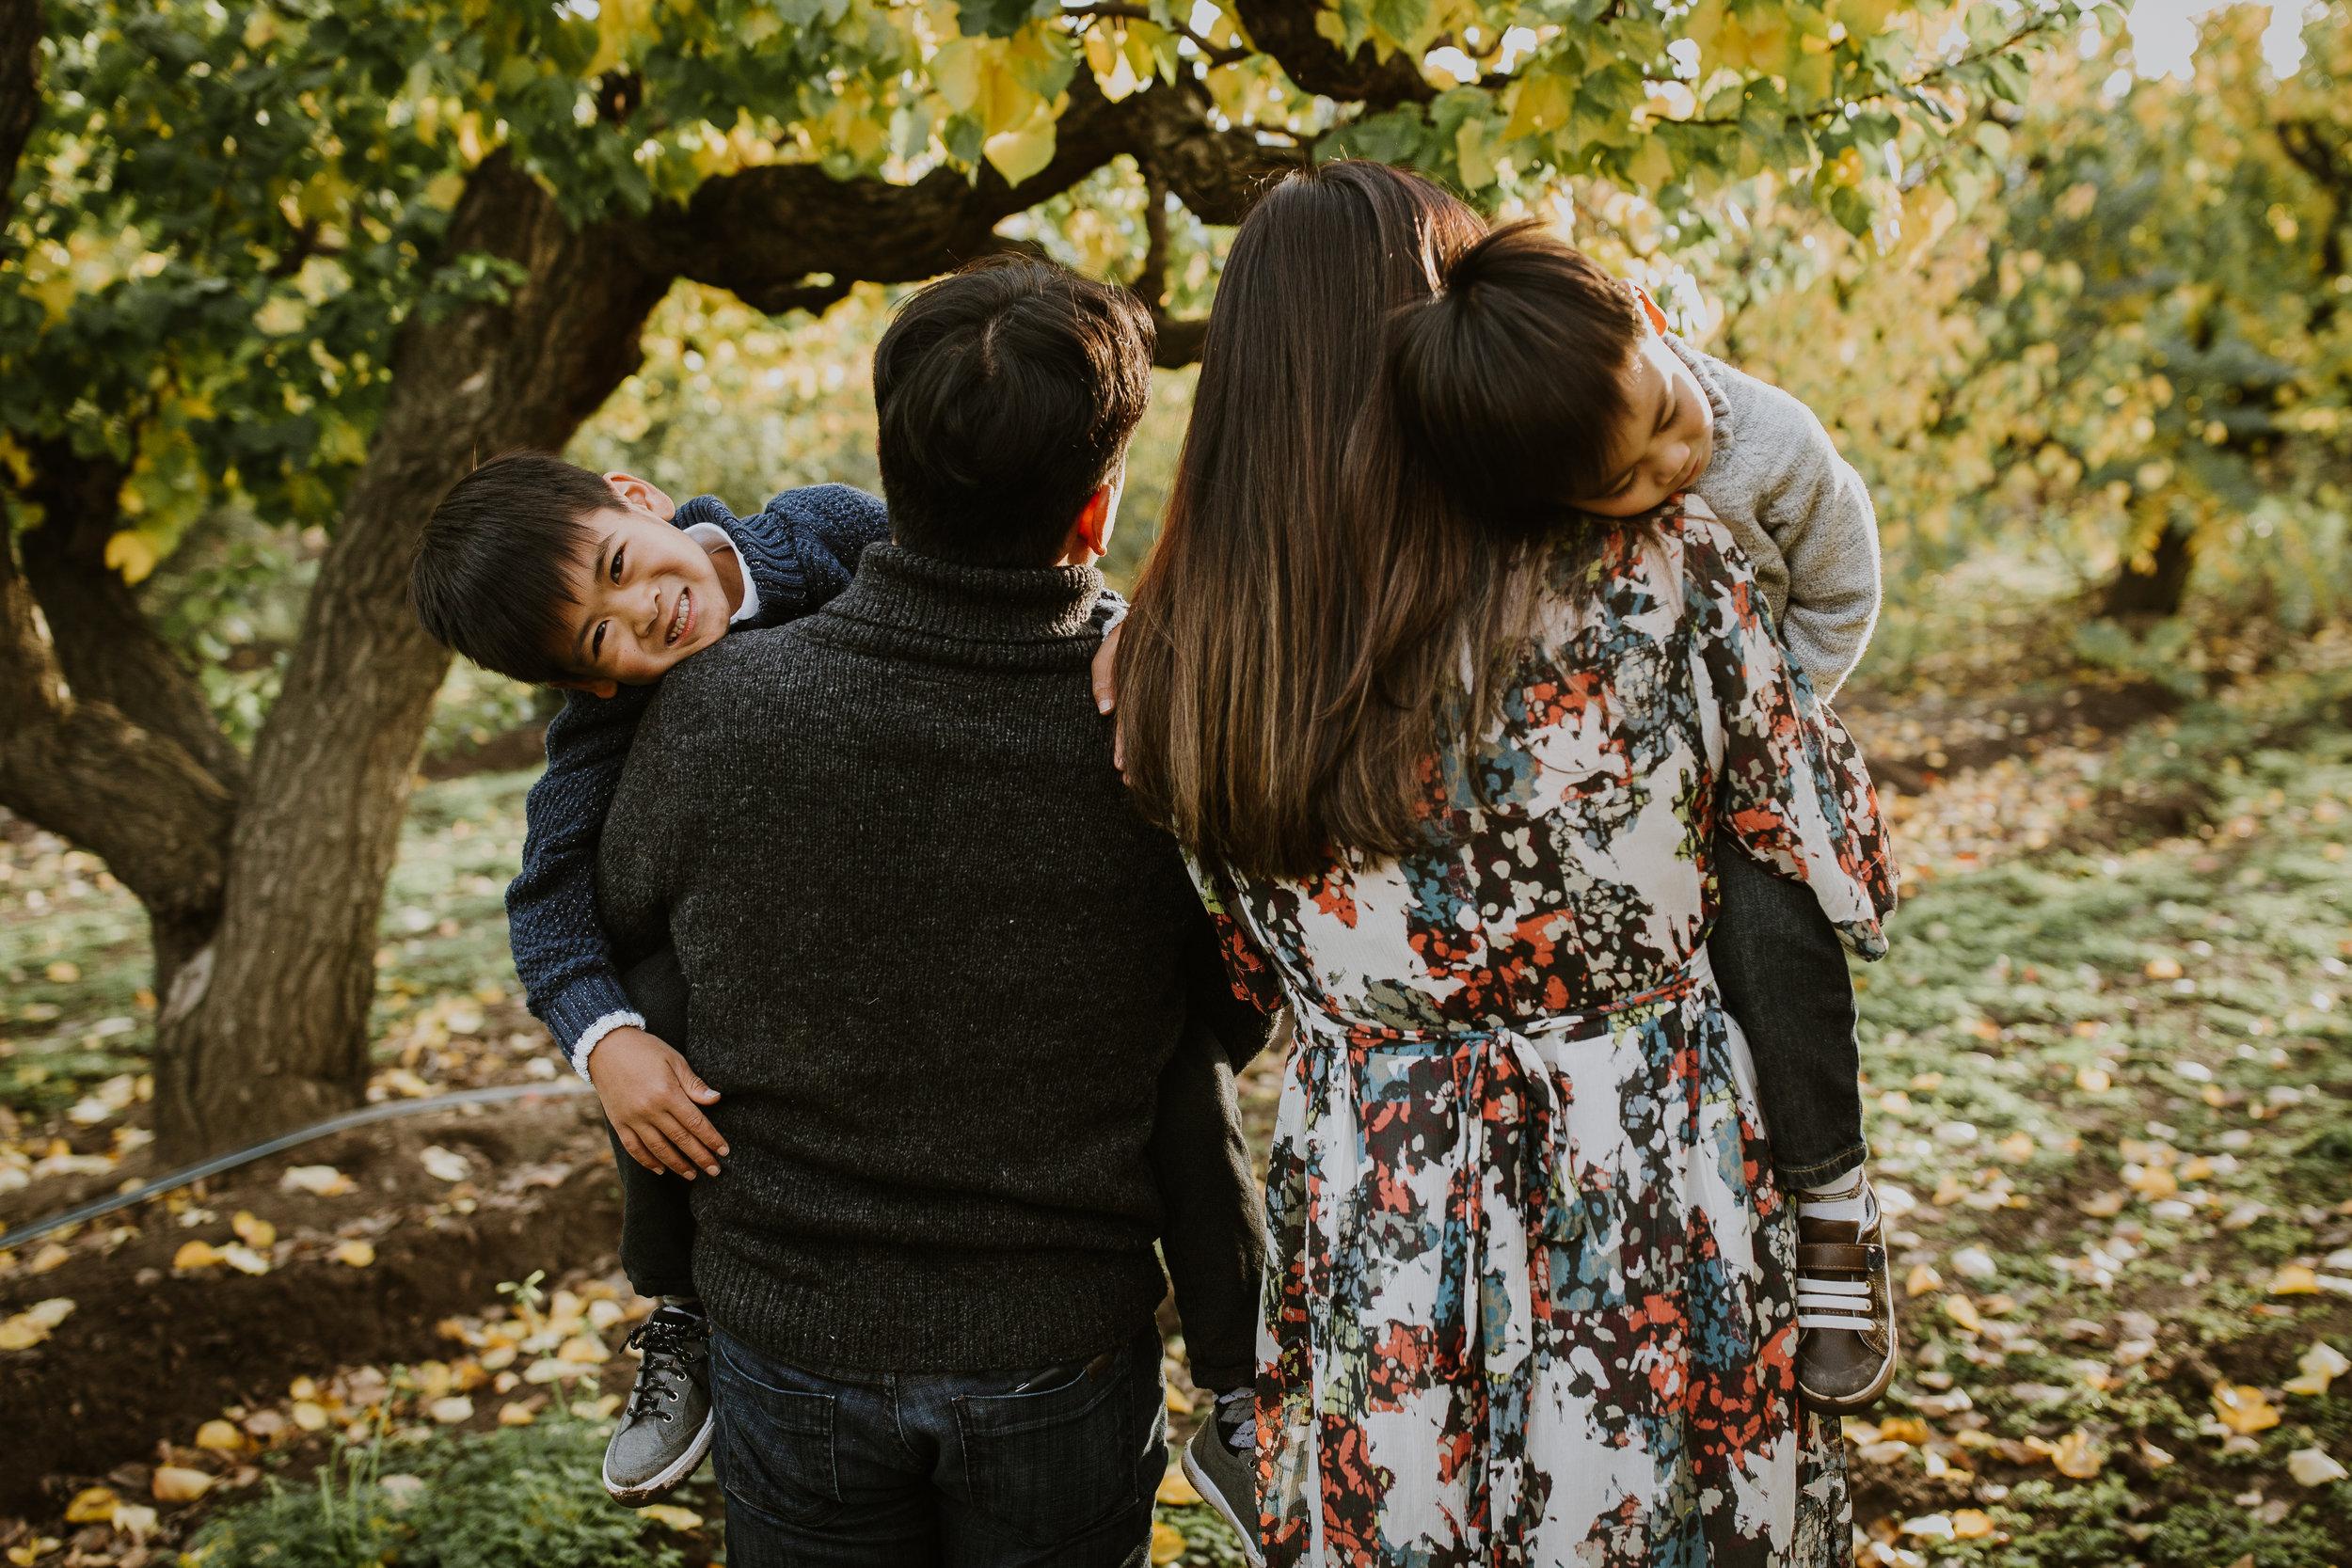 bre thurston photography   san francisco bay area california photographer   outdoor natural light family lifestyle